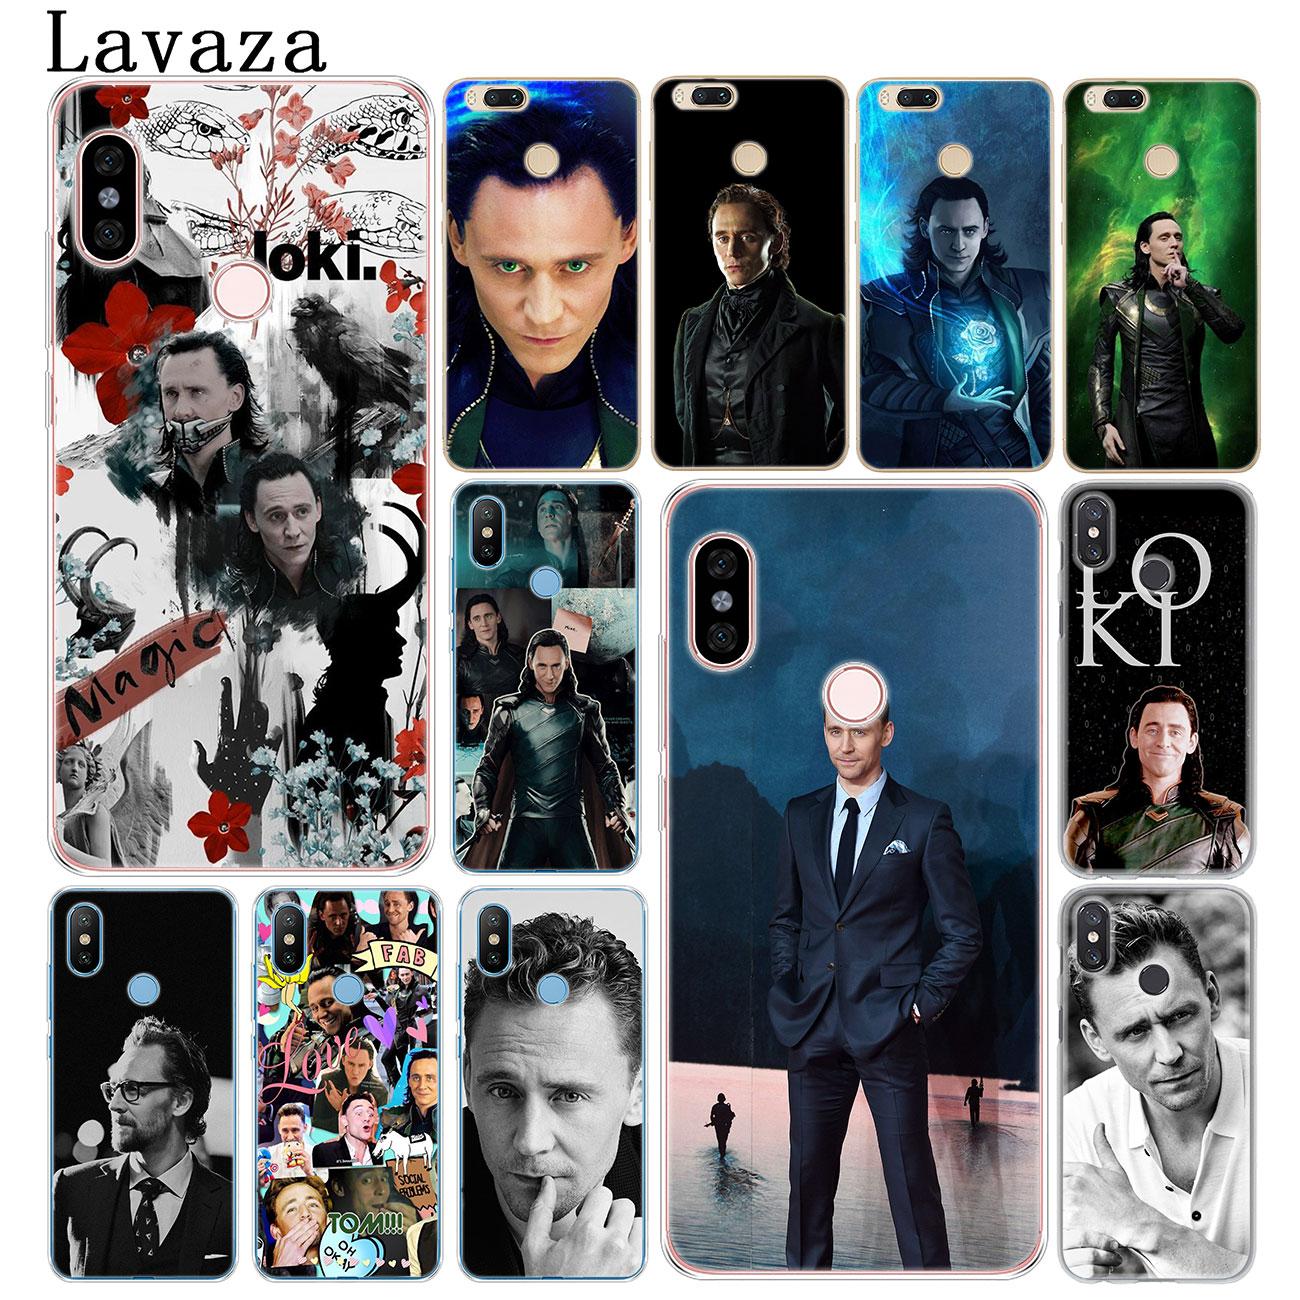 Lavaza Tom Hiddleston Loki Hard Phone Cover Case for Xiaomi Redmi 8A 7A 6A 5A K20 K30 Note 8 8T 7 5 6 Pro Cases